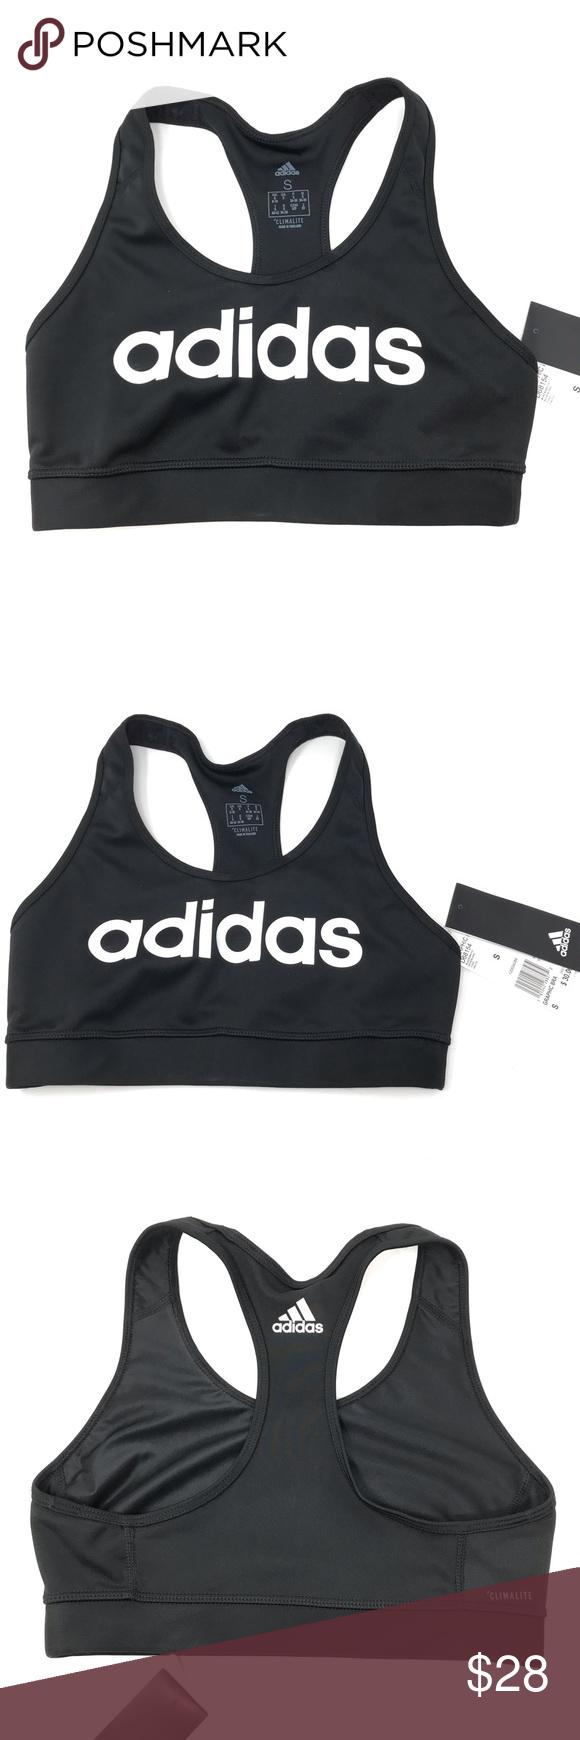 Adidas Black Logo Yoga Workout Sports Bra NWT 30 Boutique